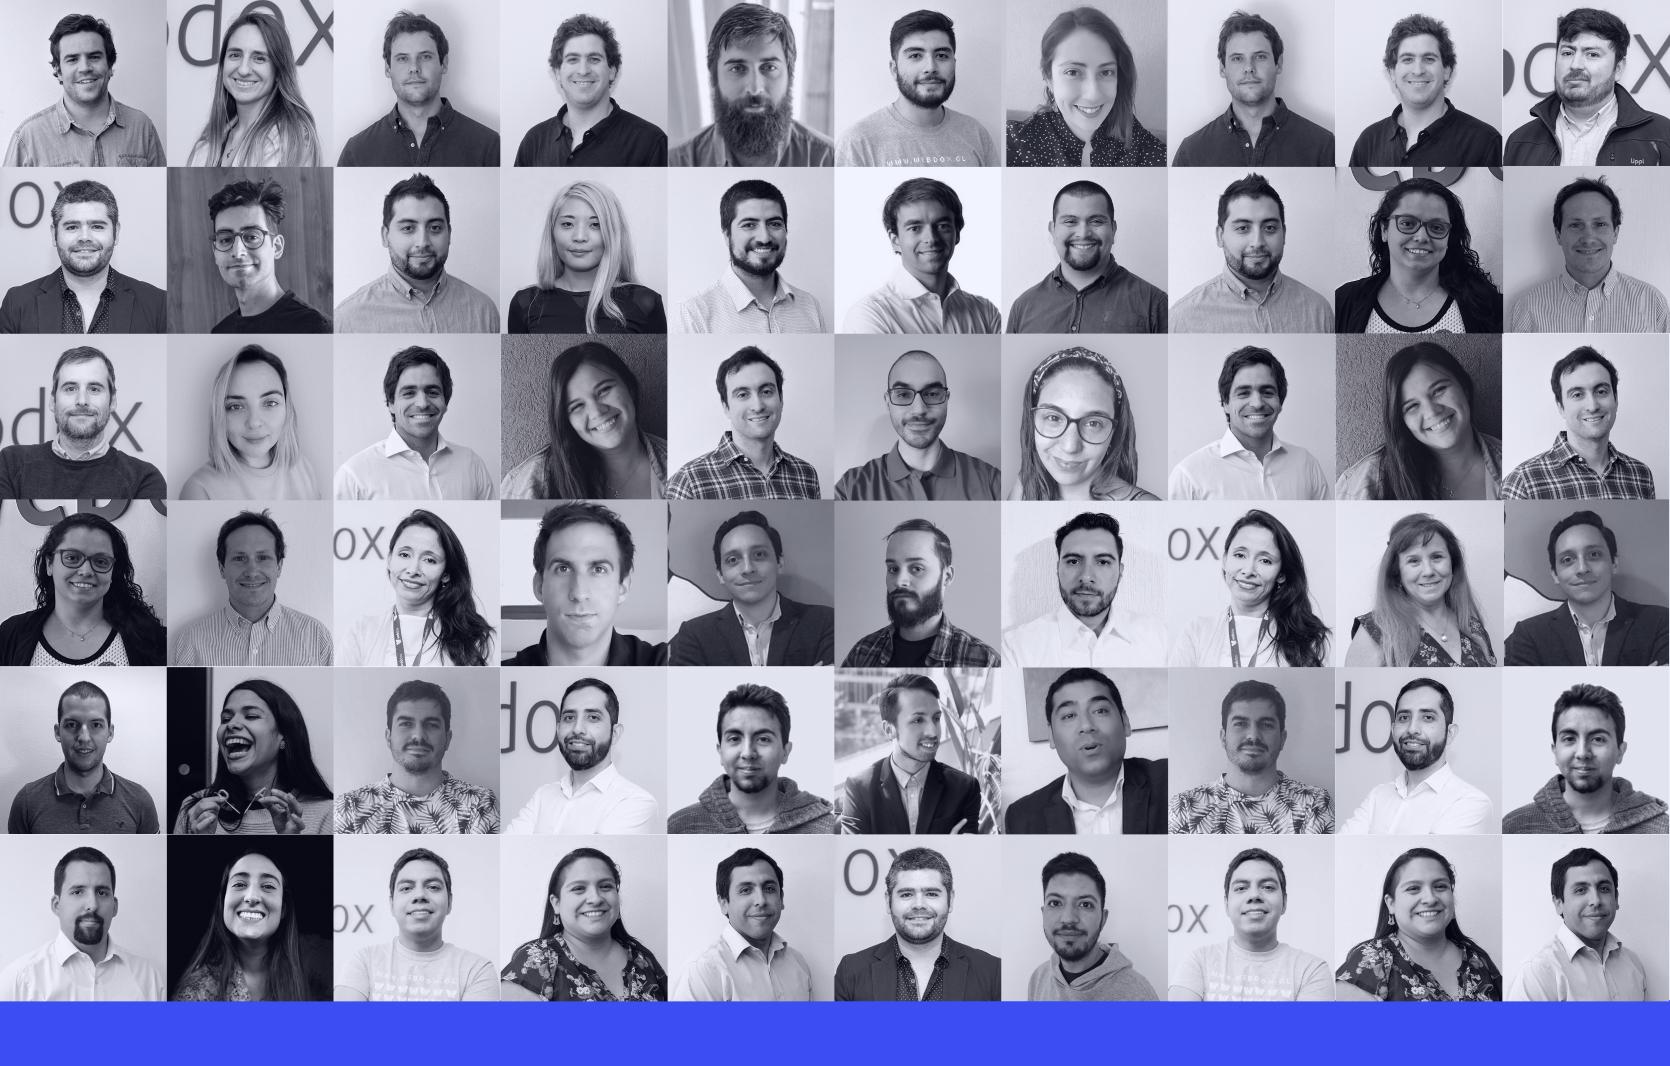 webdox-team-2022